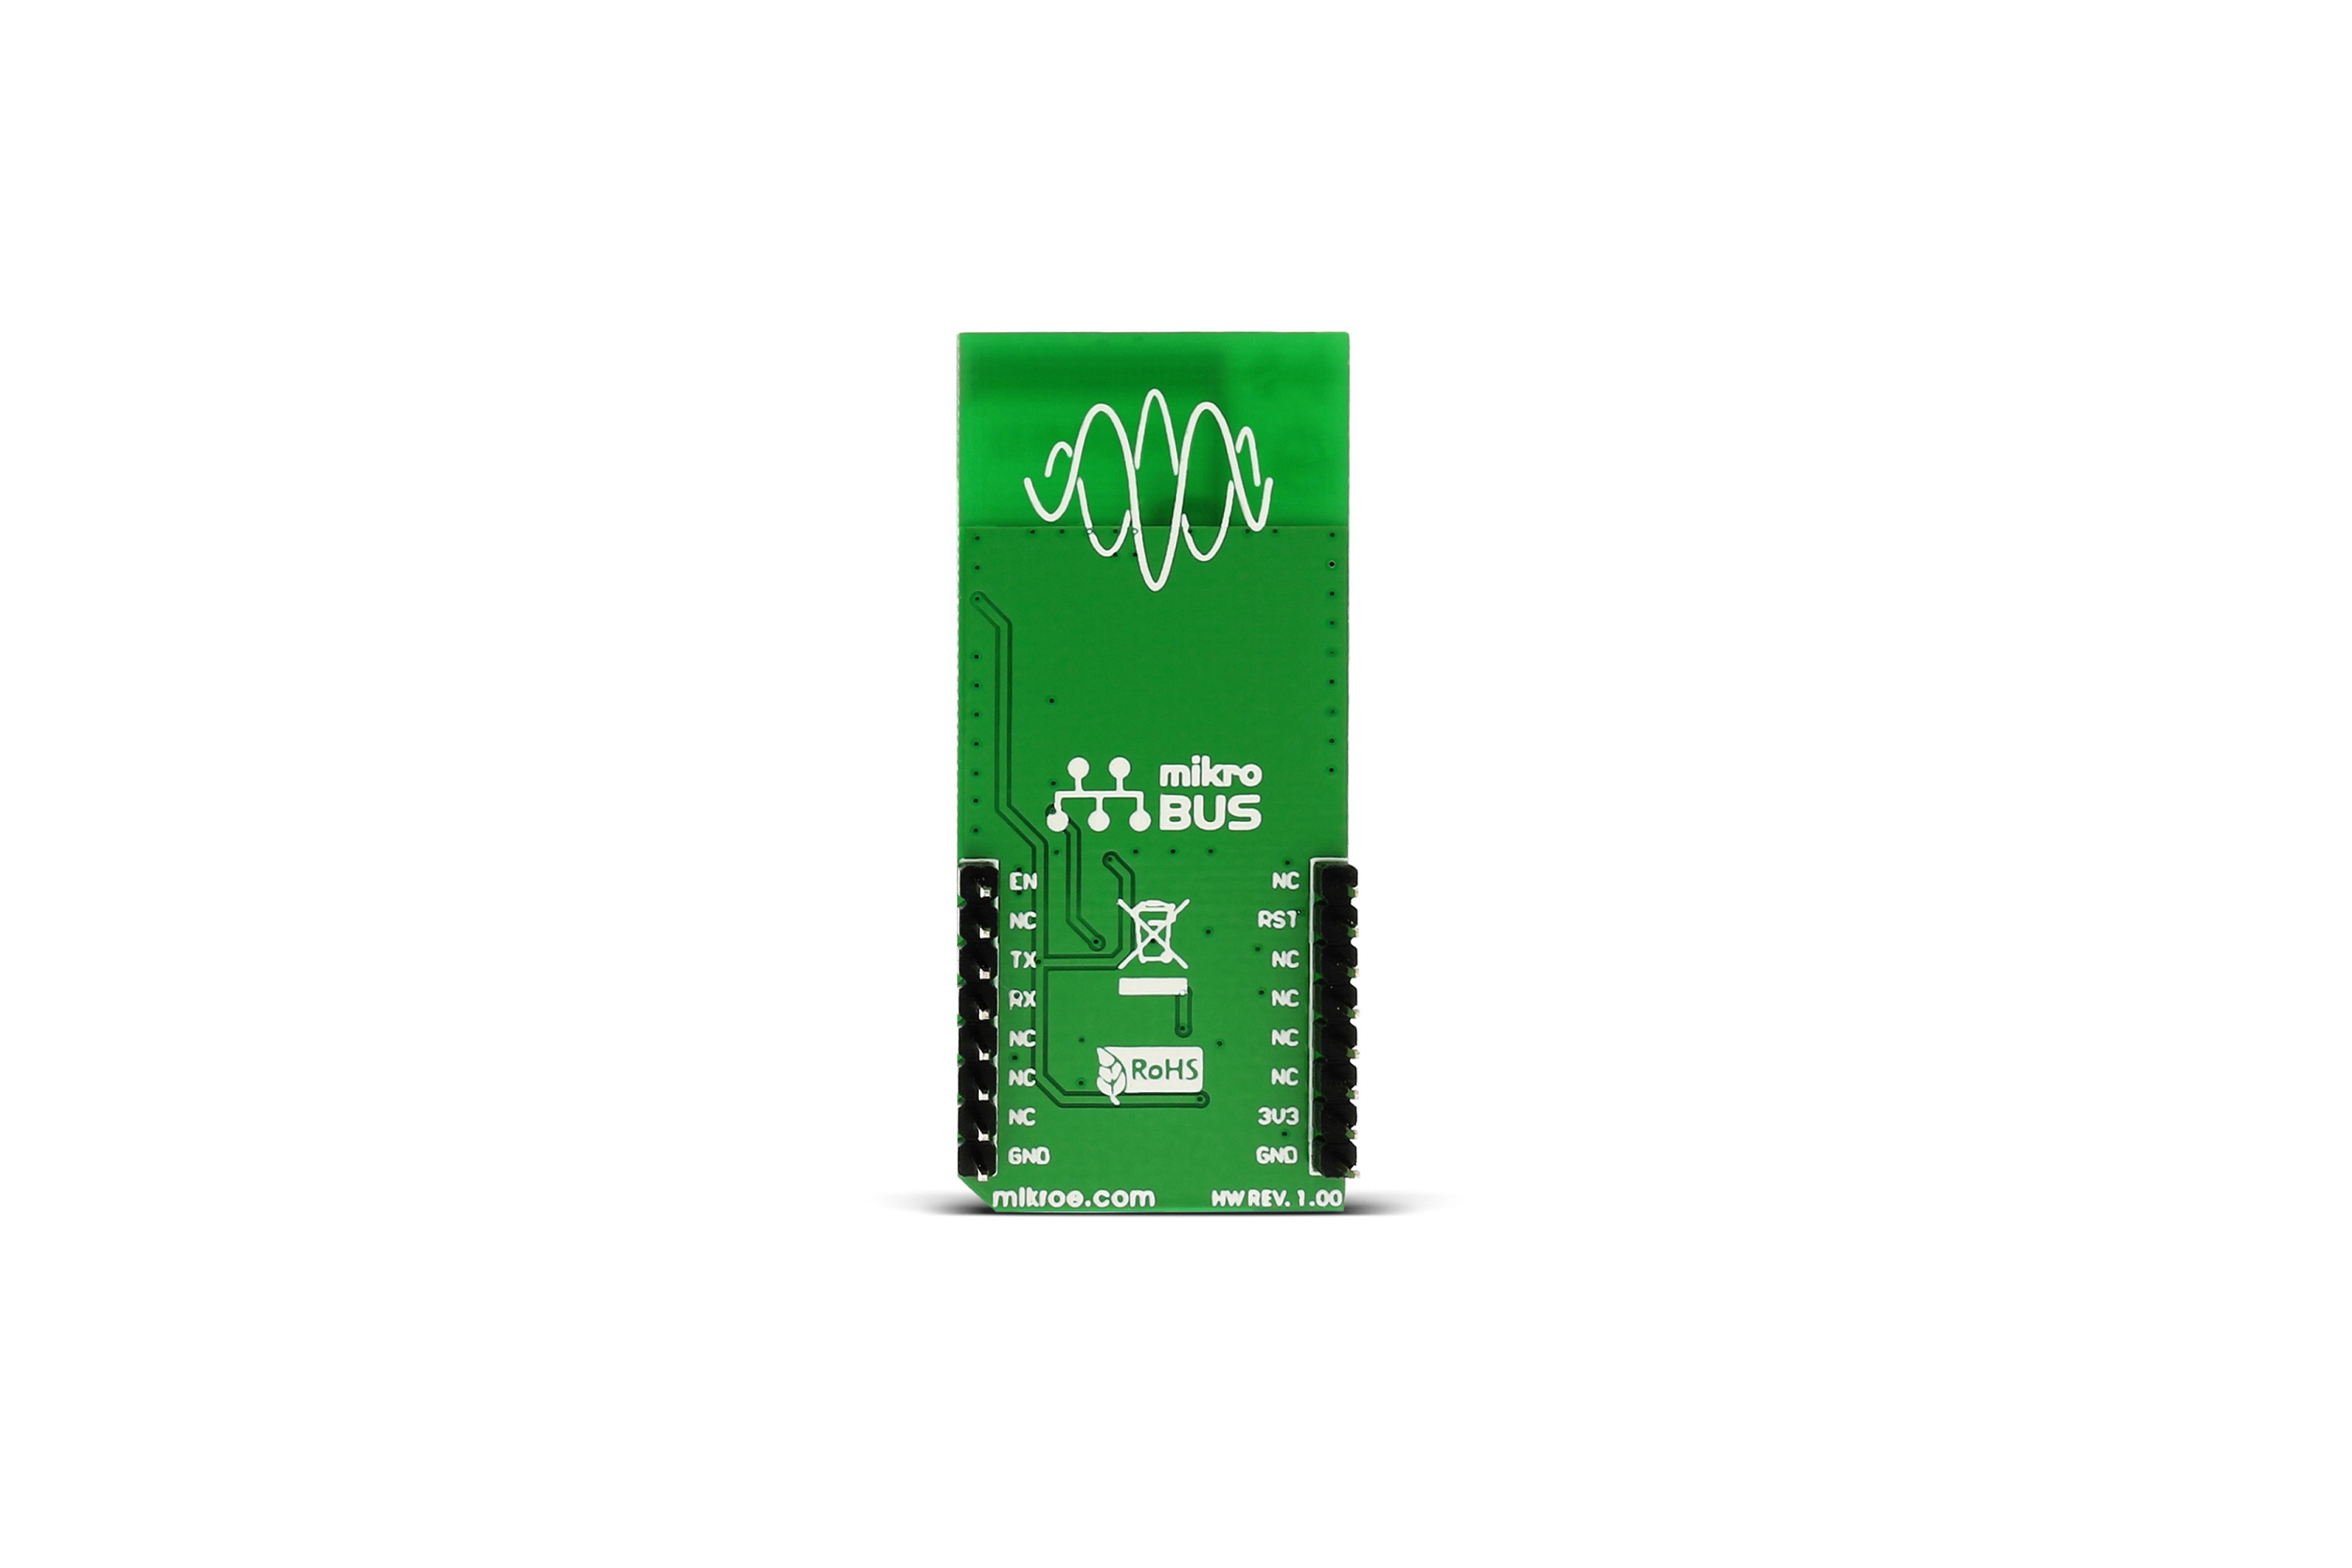 EnOcean クリック 868MHz トランシーバボード